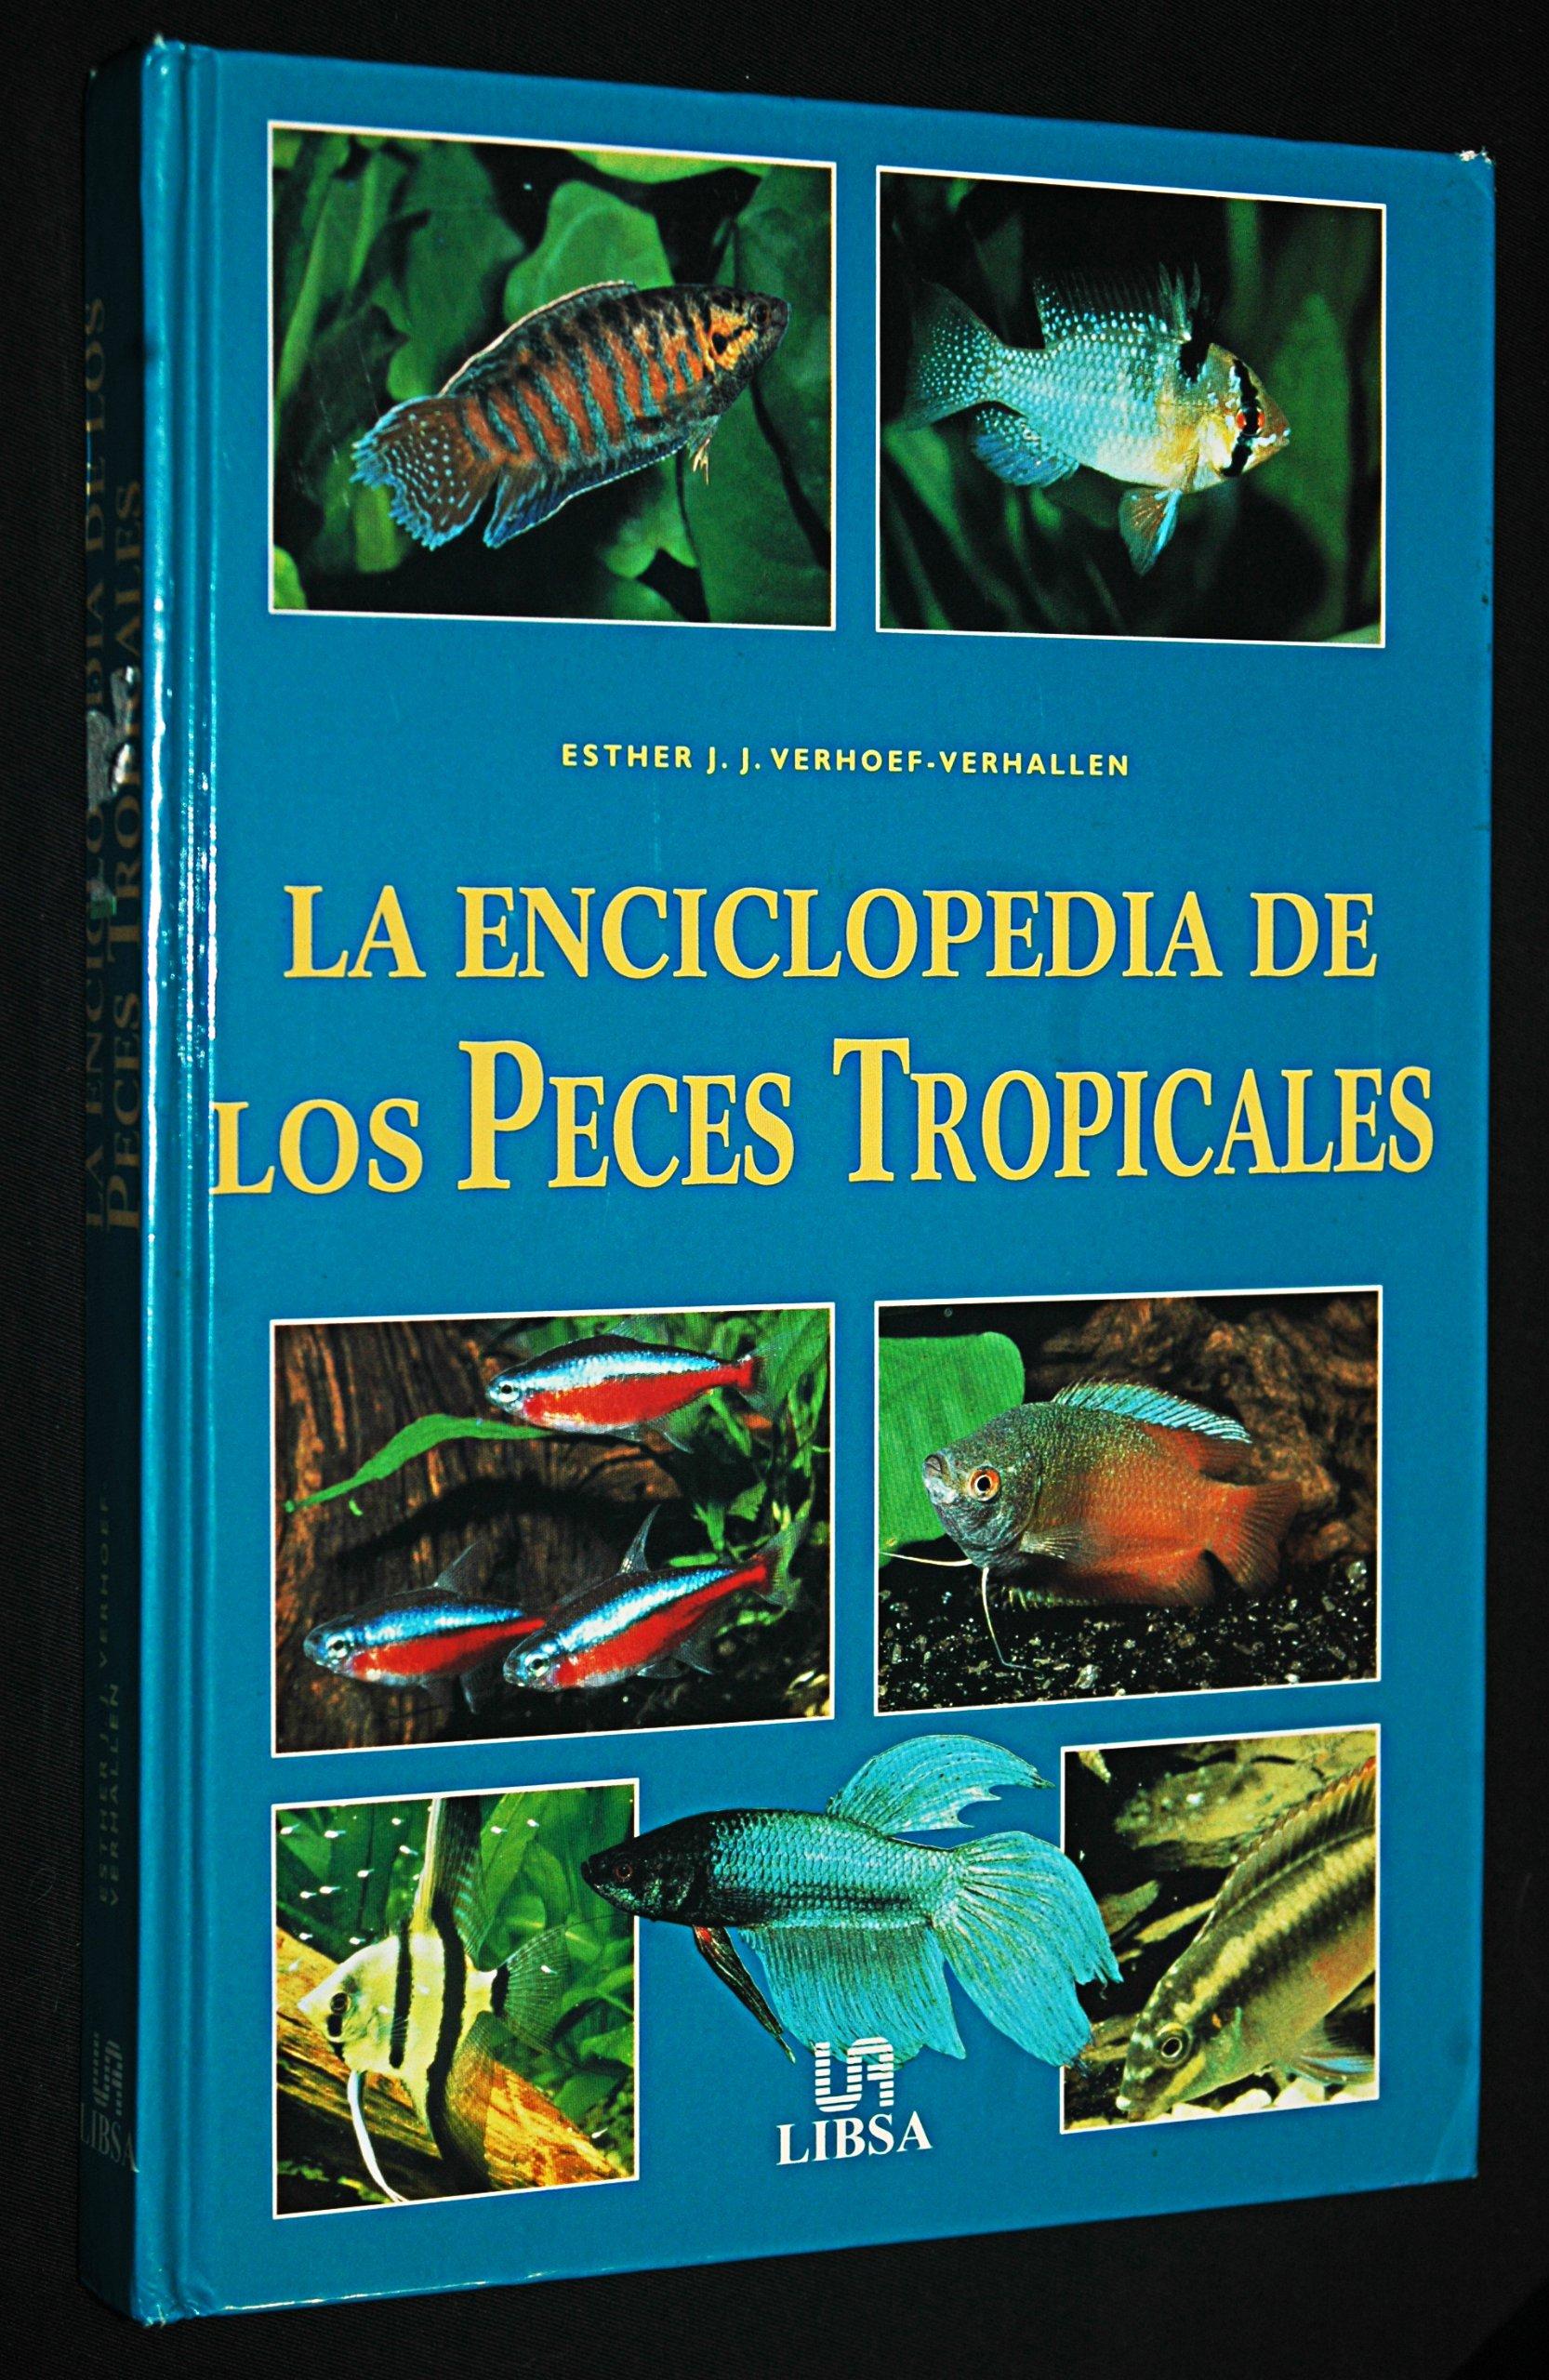 La enciclopedia de los peces tropicales / Encyclopedia of Tropical Fish (Spanish Edition)